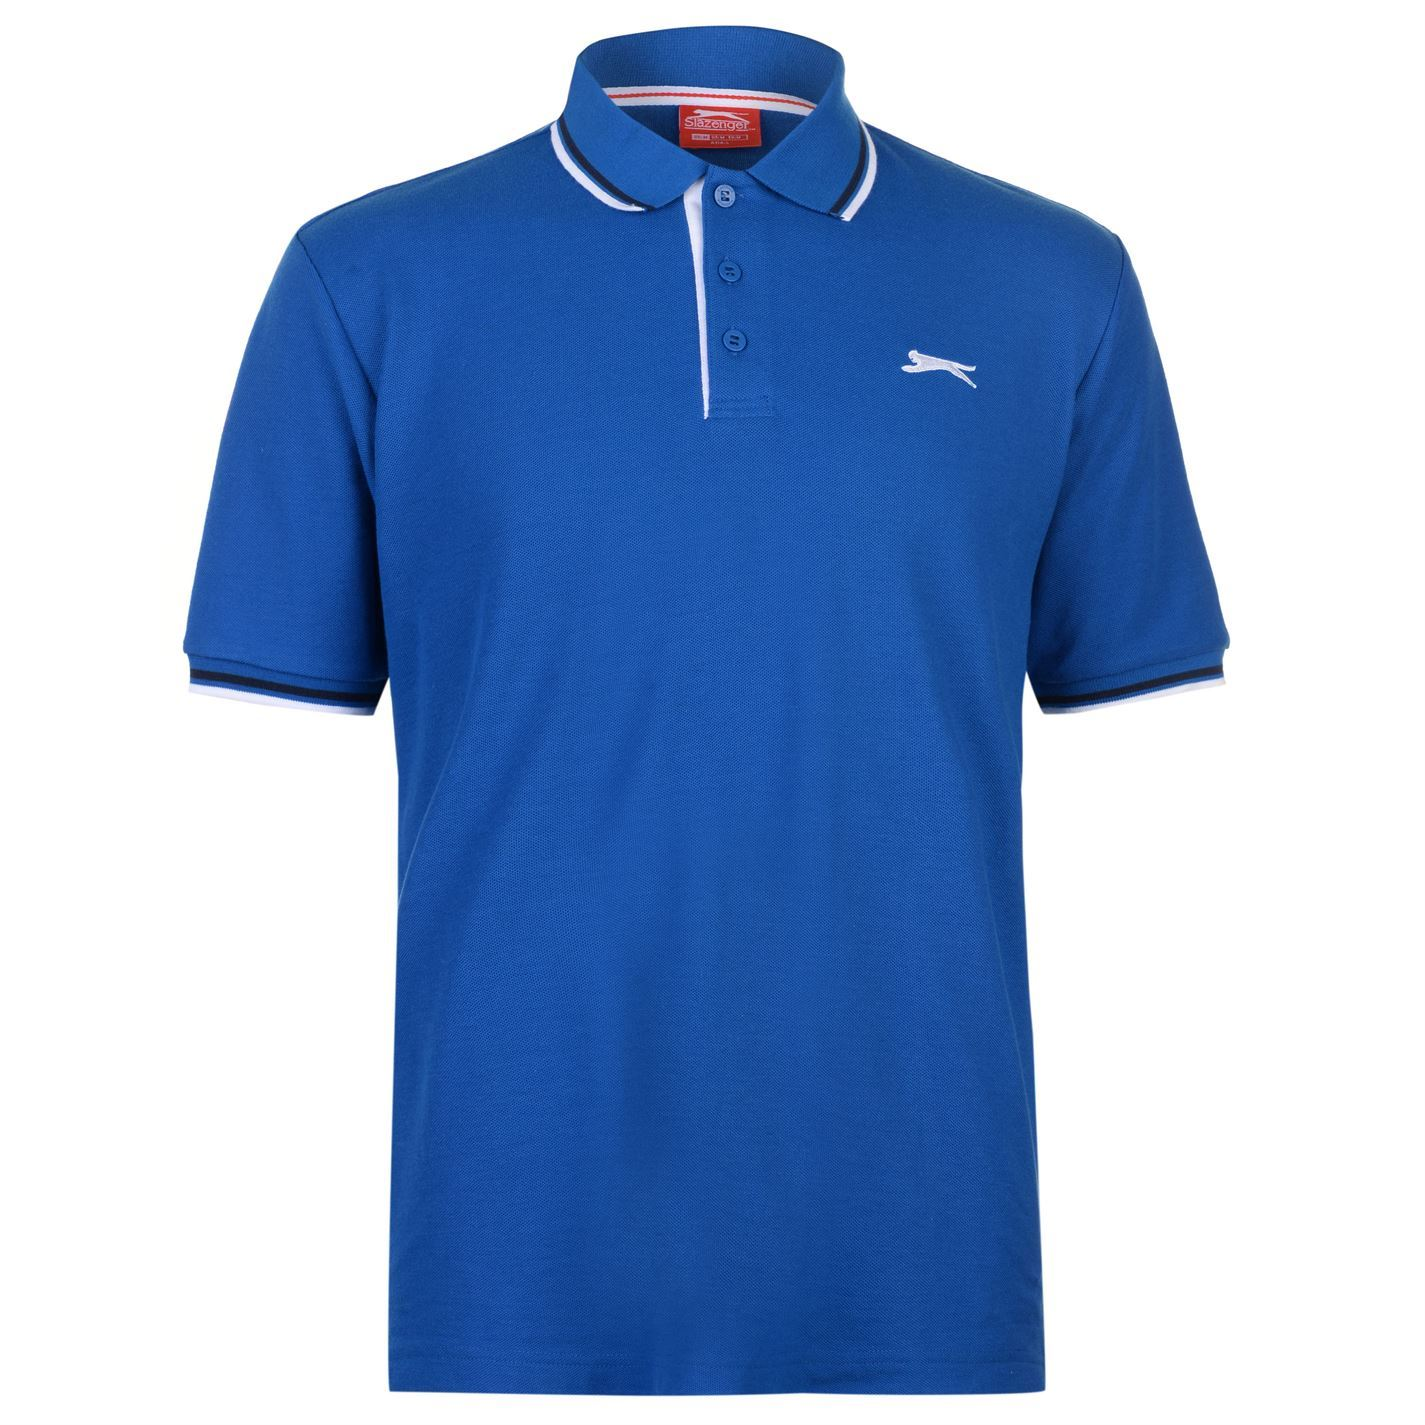 Slazenger-Polo-Camisa-de-hombre-con-cuello-con-Punta-T-Shirt-Top-Camiseta-Tee miniatura 11